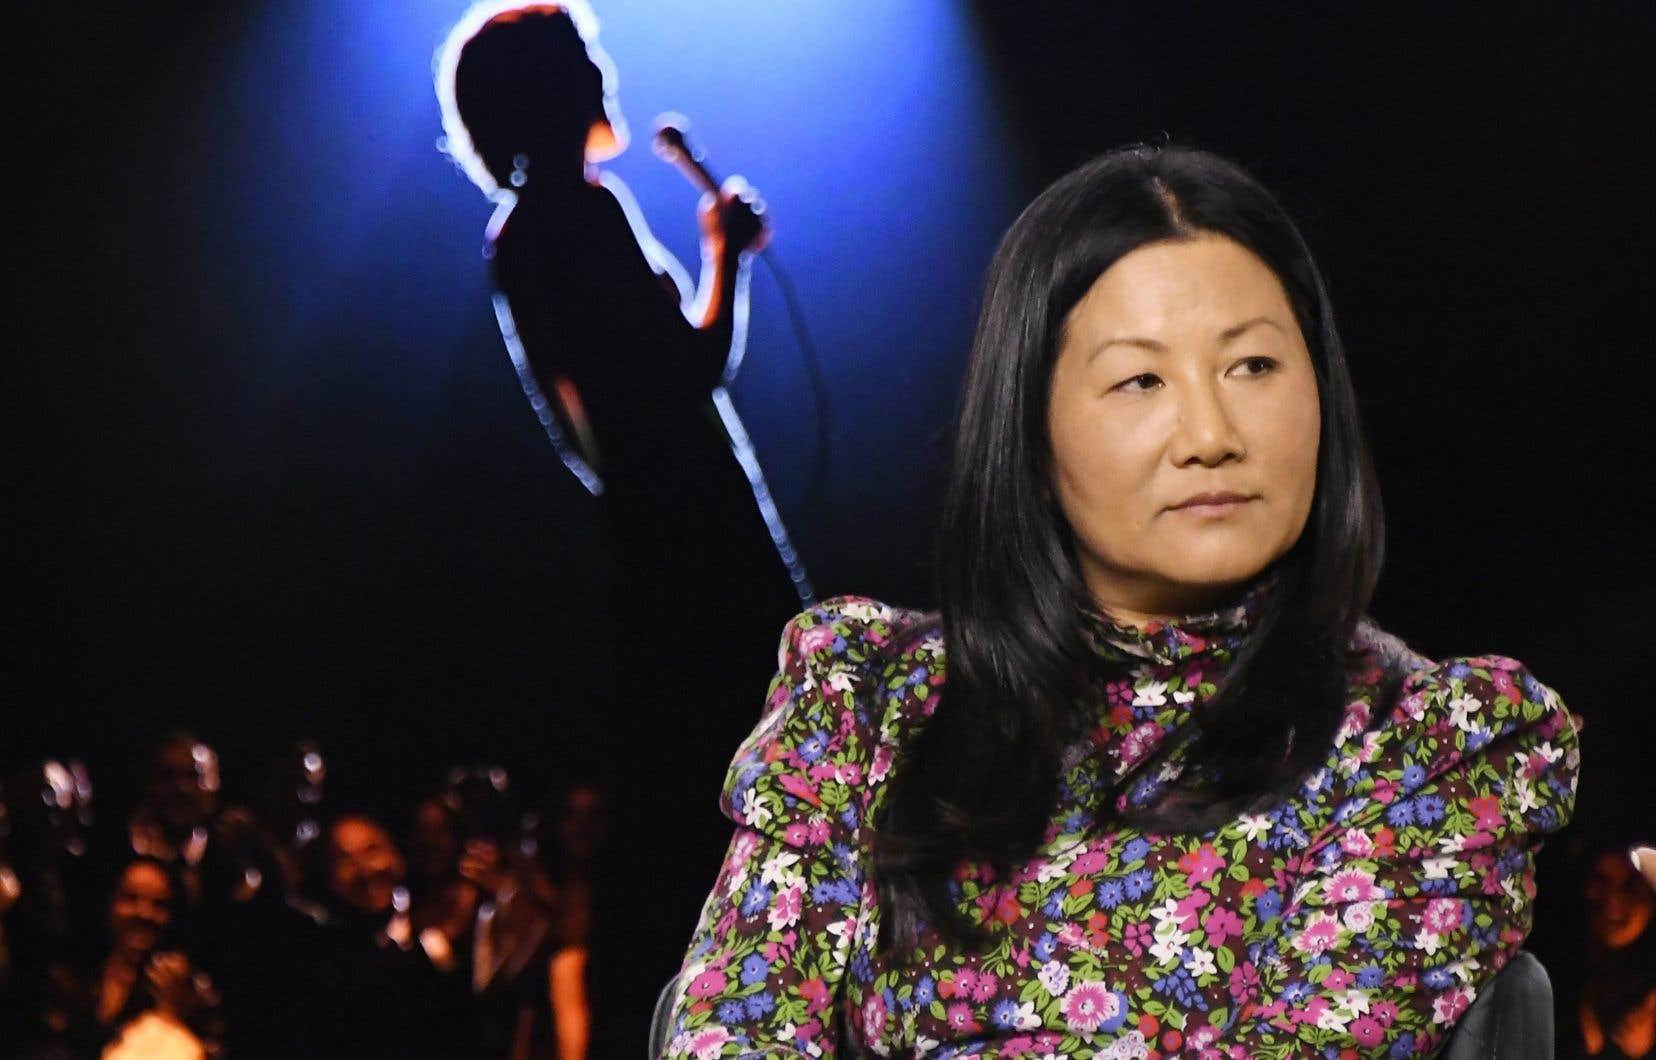 Unjoo Moon s'était liée en Australie avec la chanteuse, Helen Reddy, et l'idée de lui consacrer ce documentaire a germé.